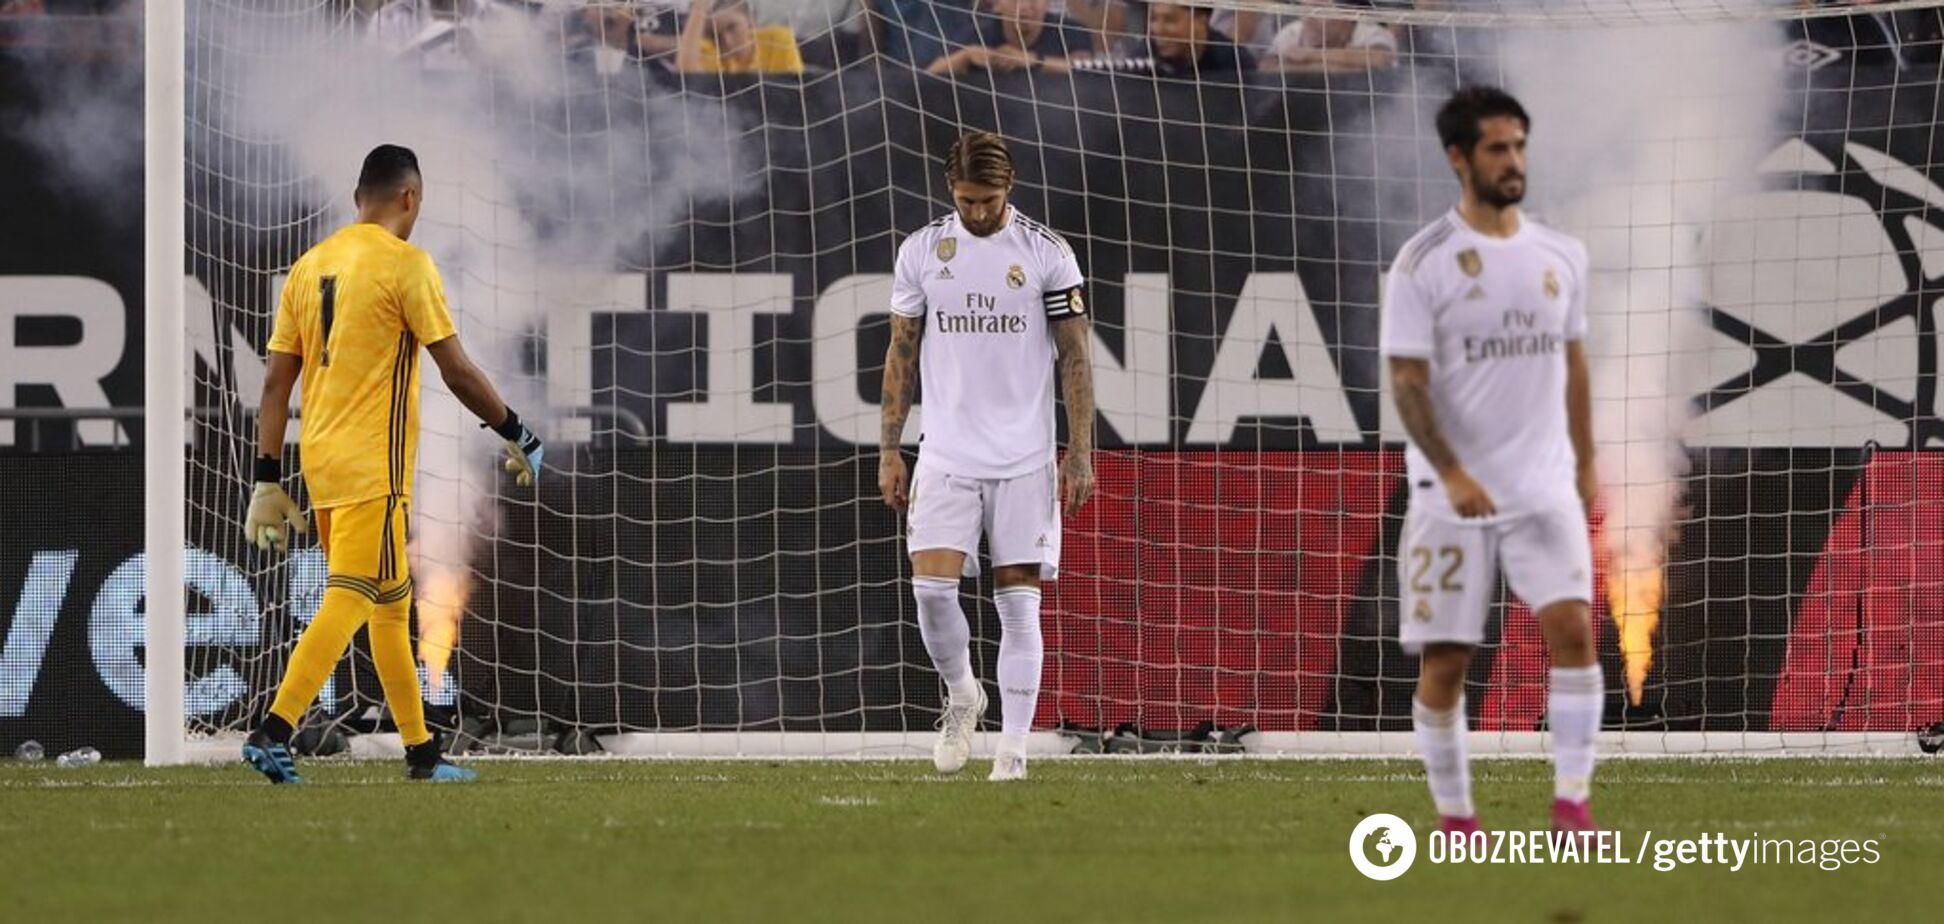 'Ми обо*ралися': капітан 'Реала' прокоментував 'жахливий результат'